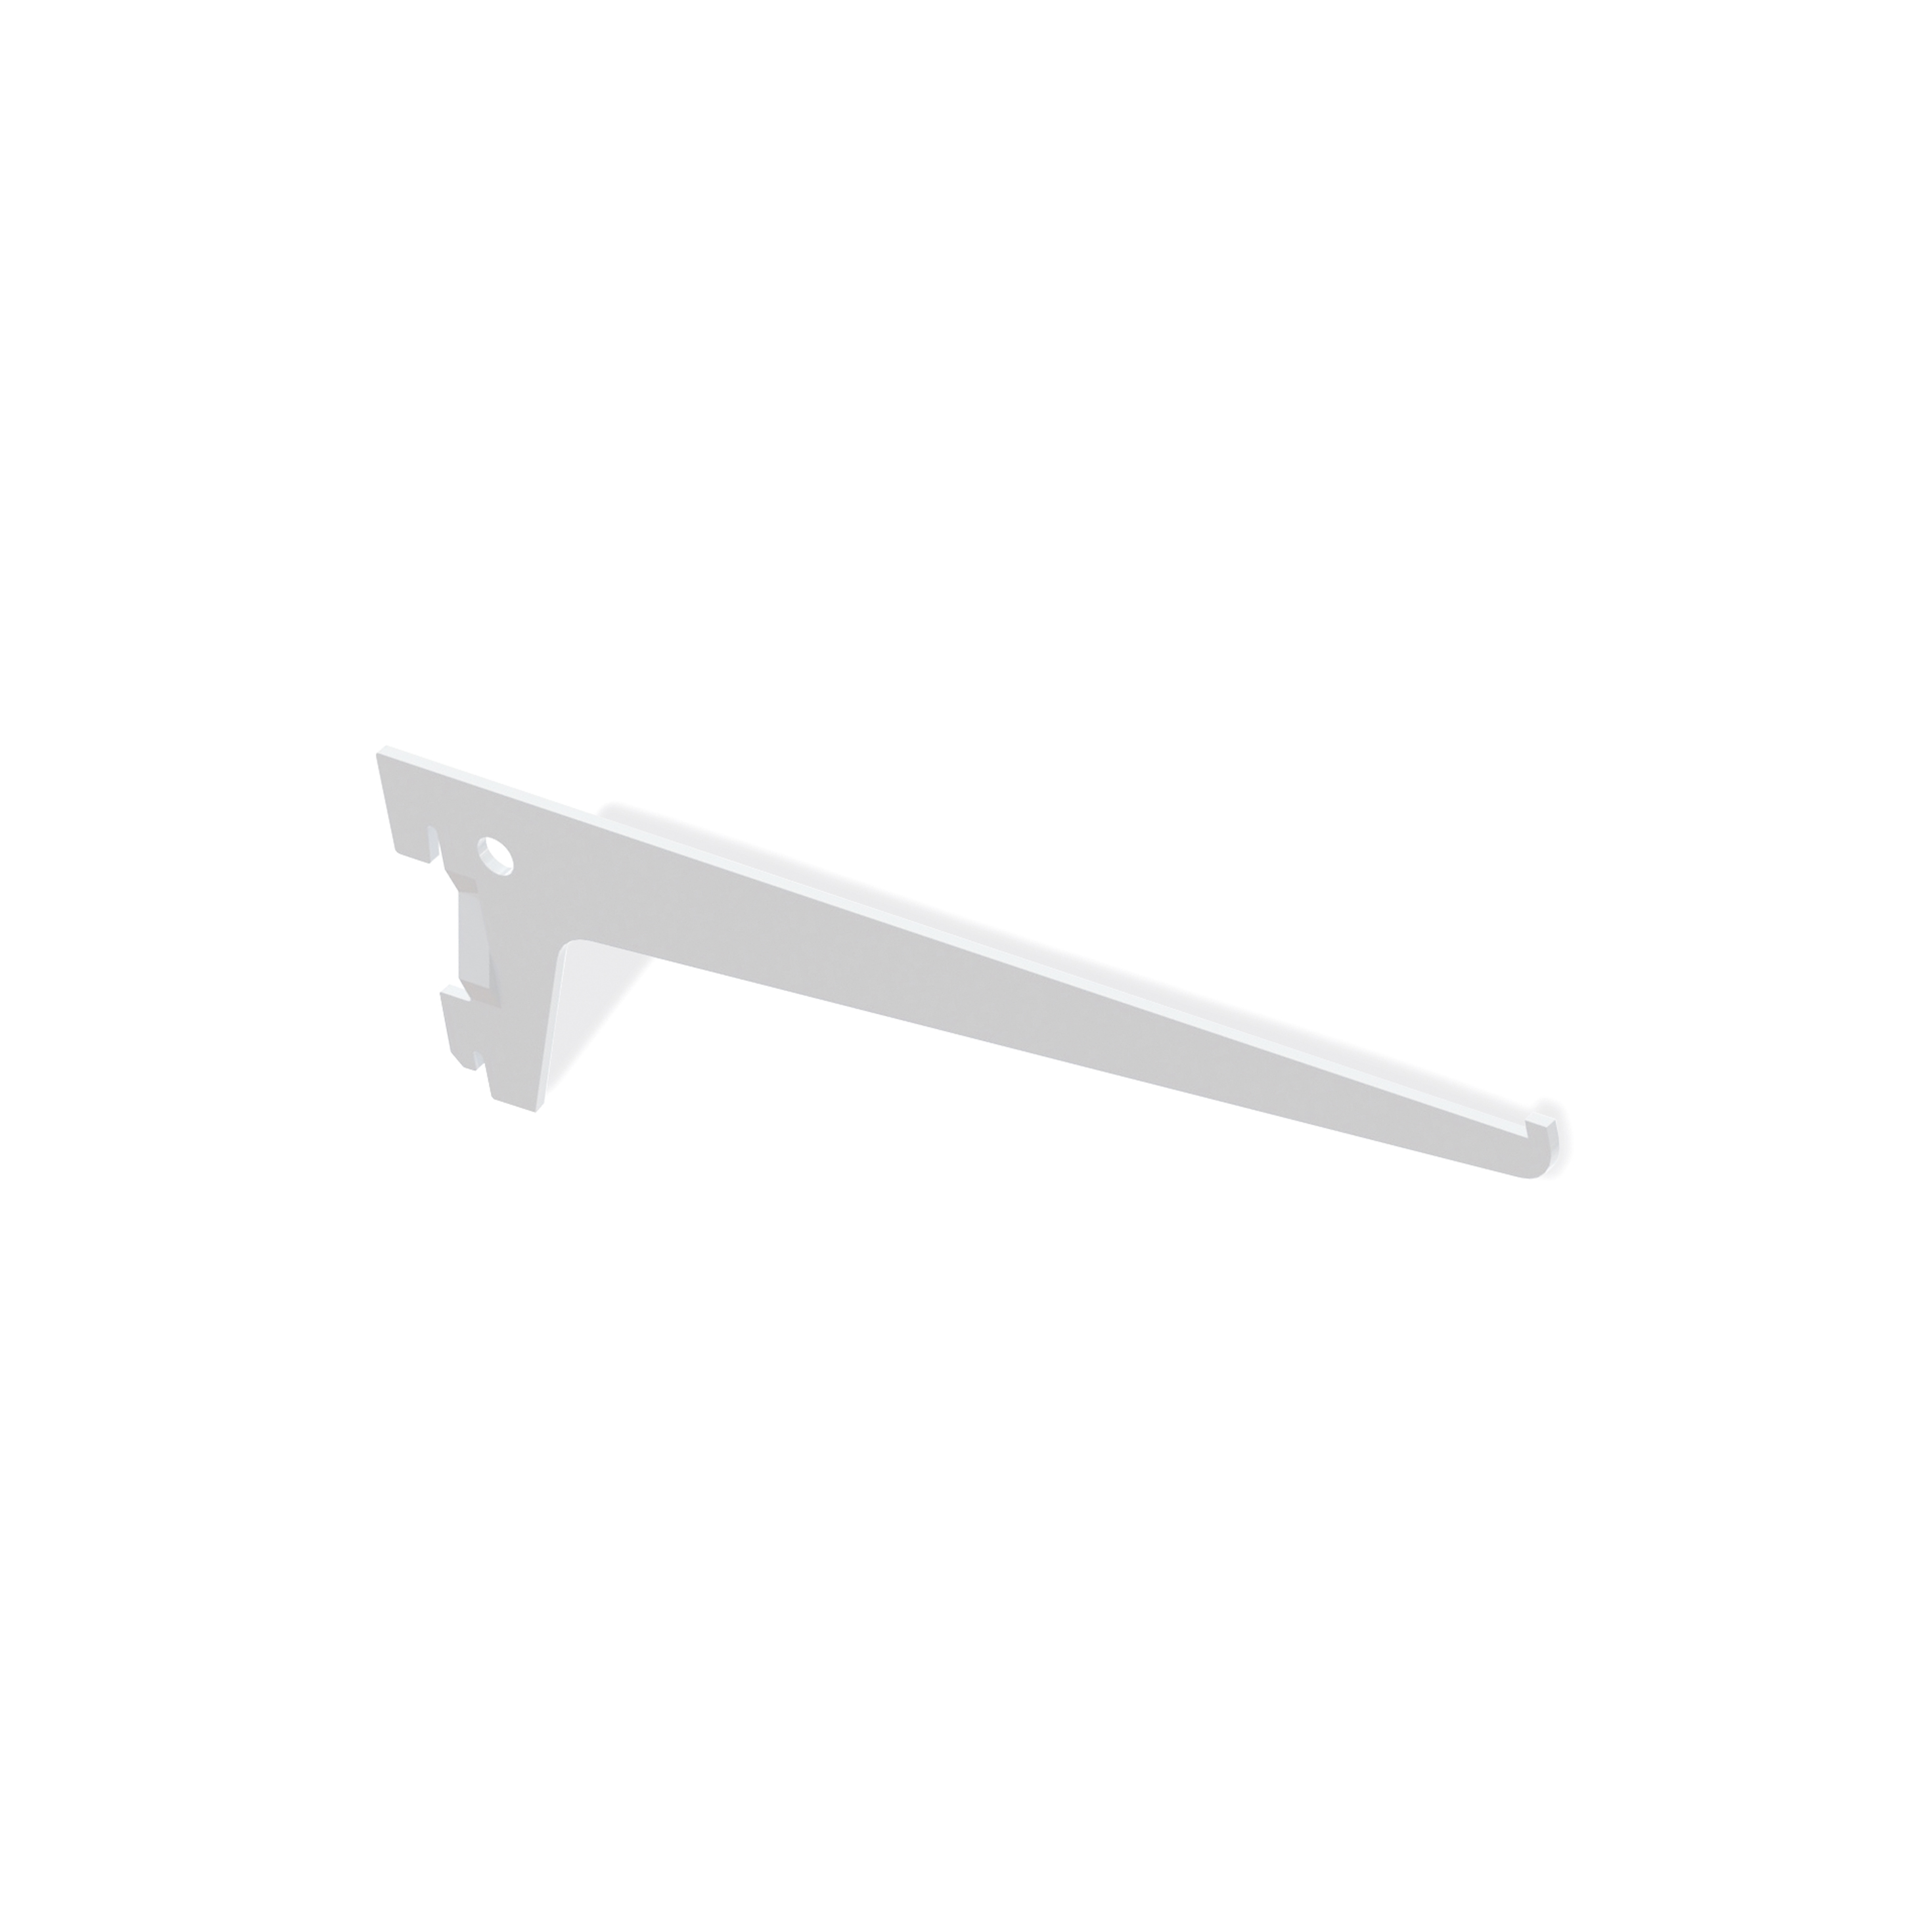 Emuca Supporto per ripiano di legno/vetro, profilo a passo 50 mm, 350 mm, Acciaio, Bianco